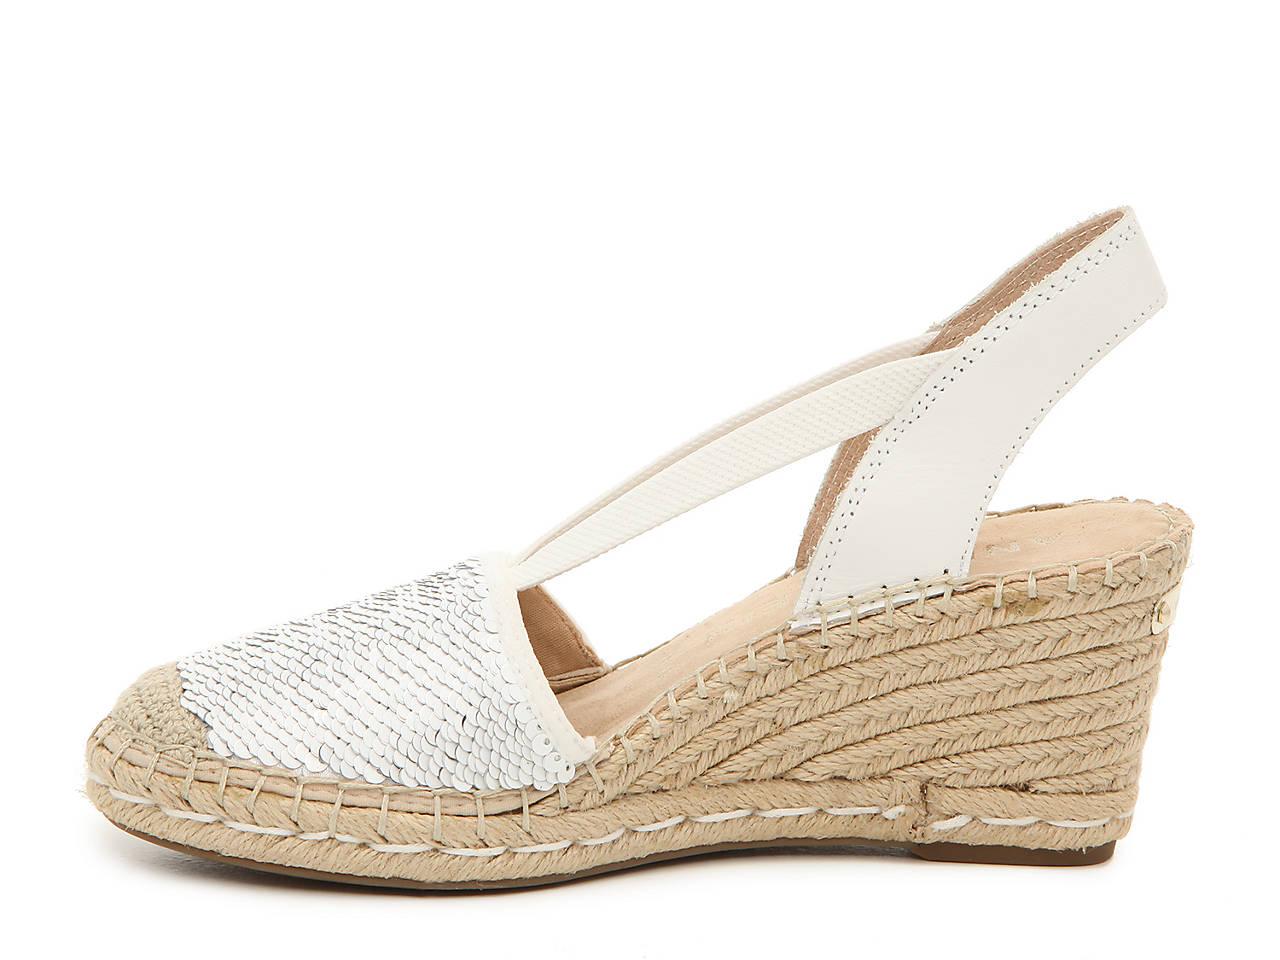 e128e6d3c81 Anne Klein Abbey Espadrille Wedge Sandal Women s Shoes